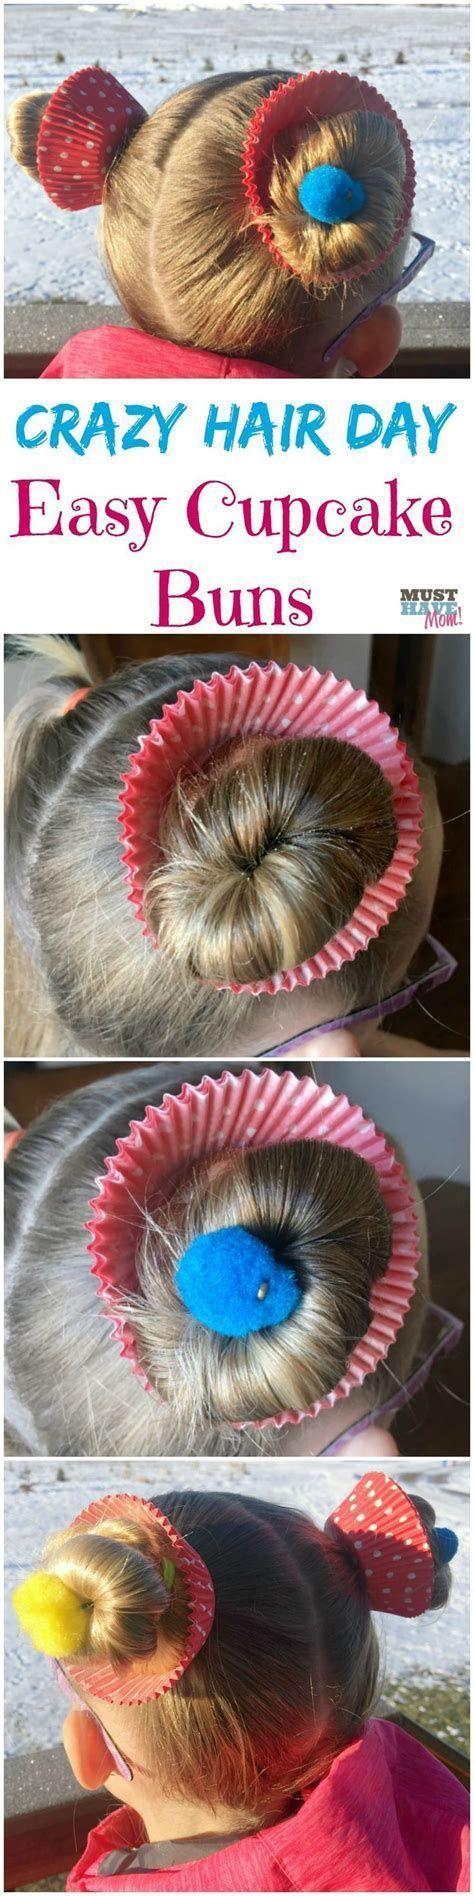 The 25 Best Crazy Hair Days Ideas On Pinterest Hair Day,  #crazy #crazyhairstyleforschool #Da... #crazyhairday The 25 Best Crazy Hair Days Ideas On Pinterest Hair Day,  #crazy #crazyhairstyleforschool #Day #Days #Hair #ideas #Pinterest #crazyhairday The 25 Best Crazy Hair Days Ideas On Pinterest Hair Day,  #crazy #crazyhairstyleforschool #Da... #crazyhairday The 25 Best Crazy Hair Days Ideas On Pinterest Hair Day,  #crazy #crazyhairstyleforschool #Day #Days #Hair #ideas #Pinterest #crazyhairday